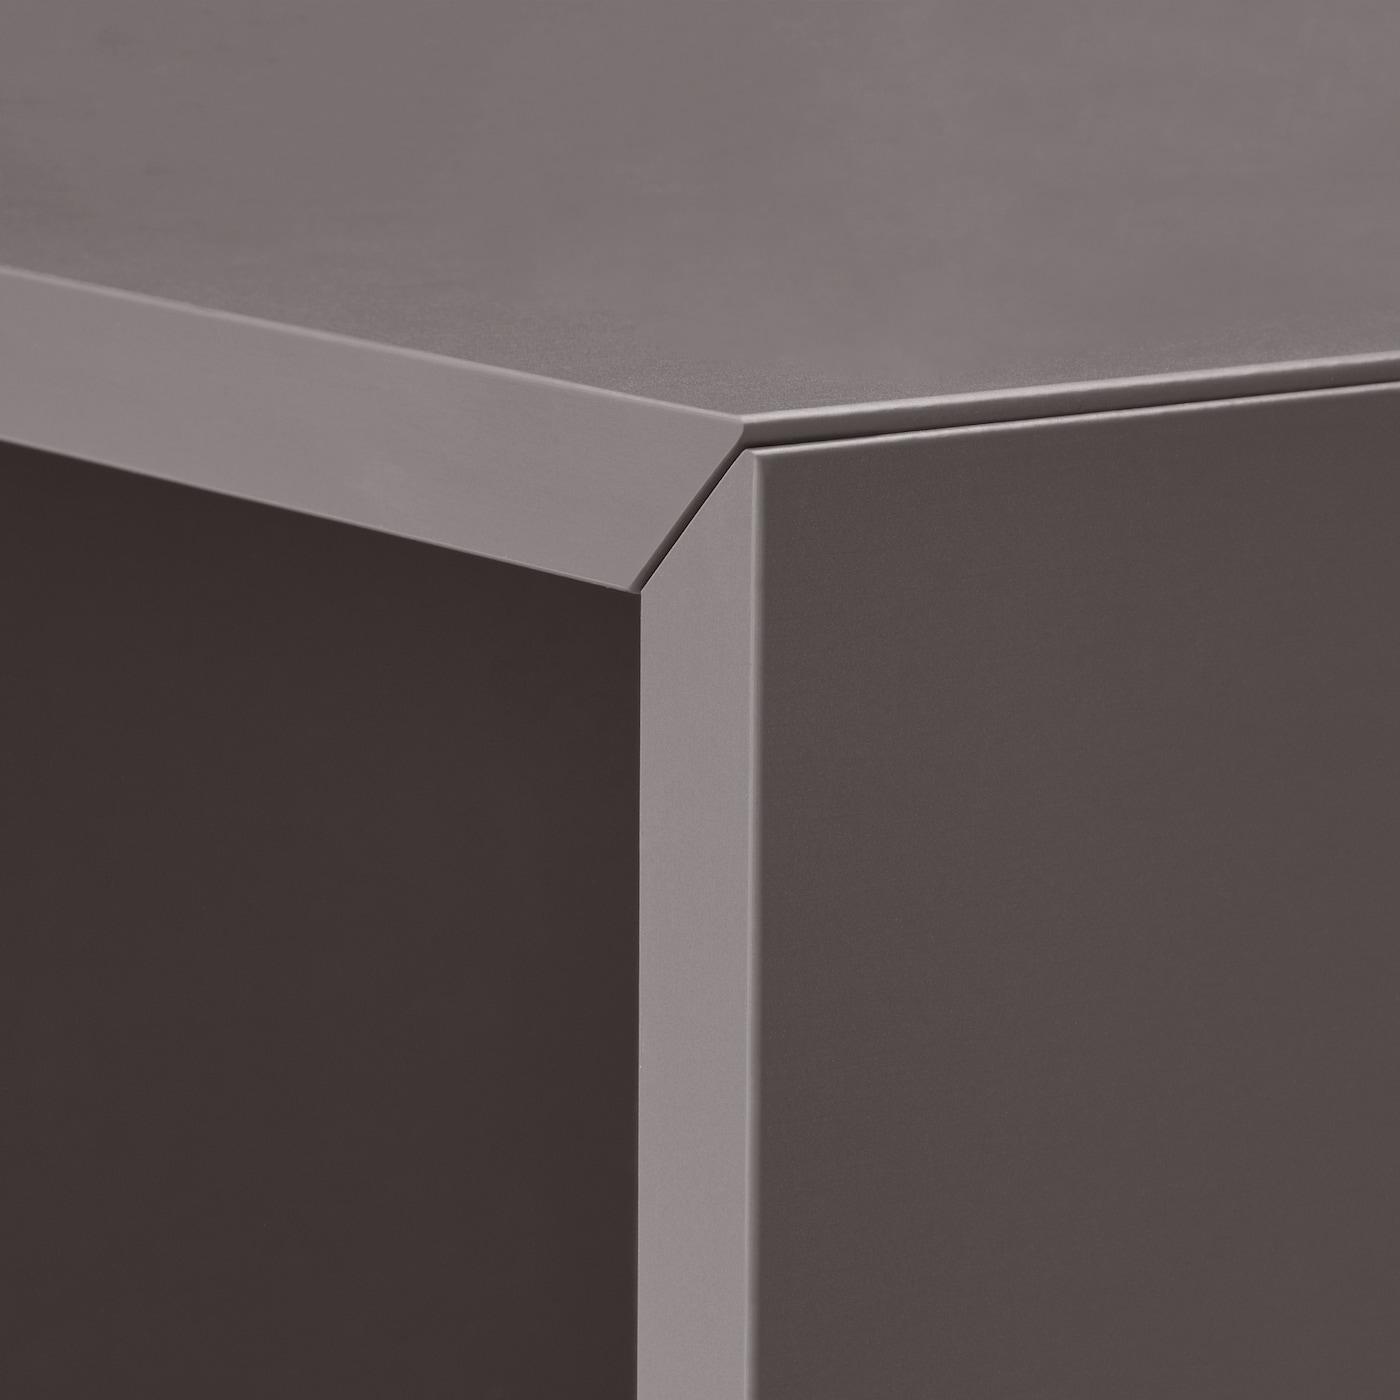 EKET rangement gris foncé 35 cm 25 cm 35 cm 5 kg